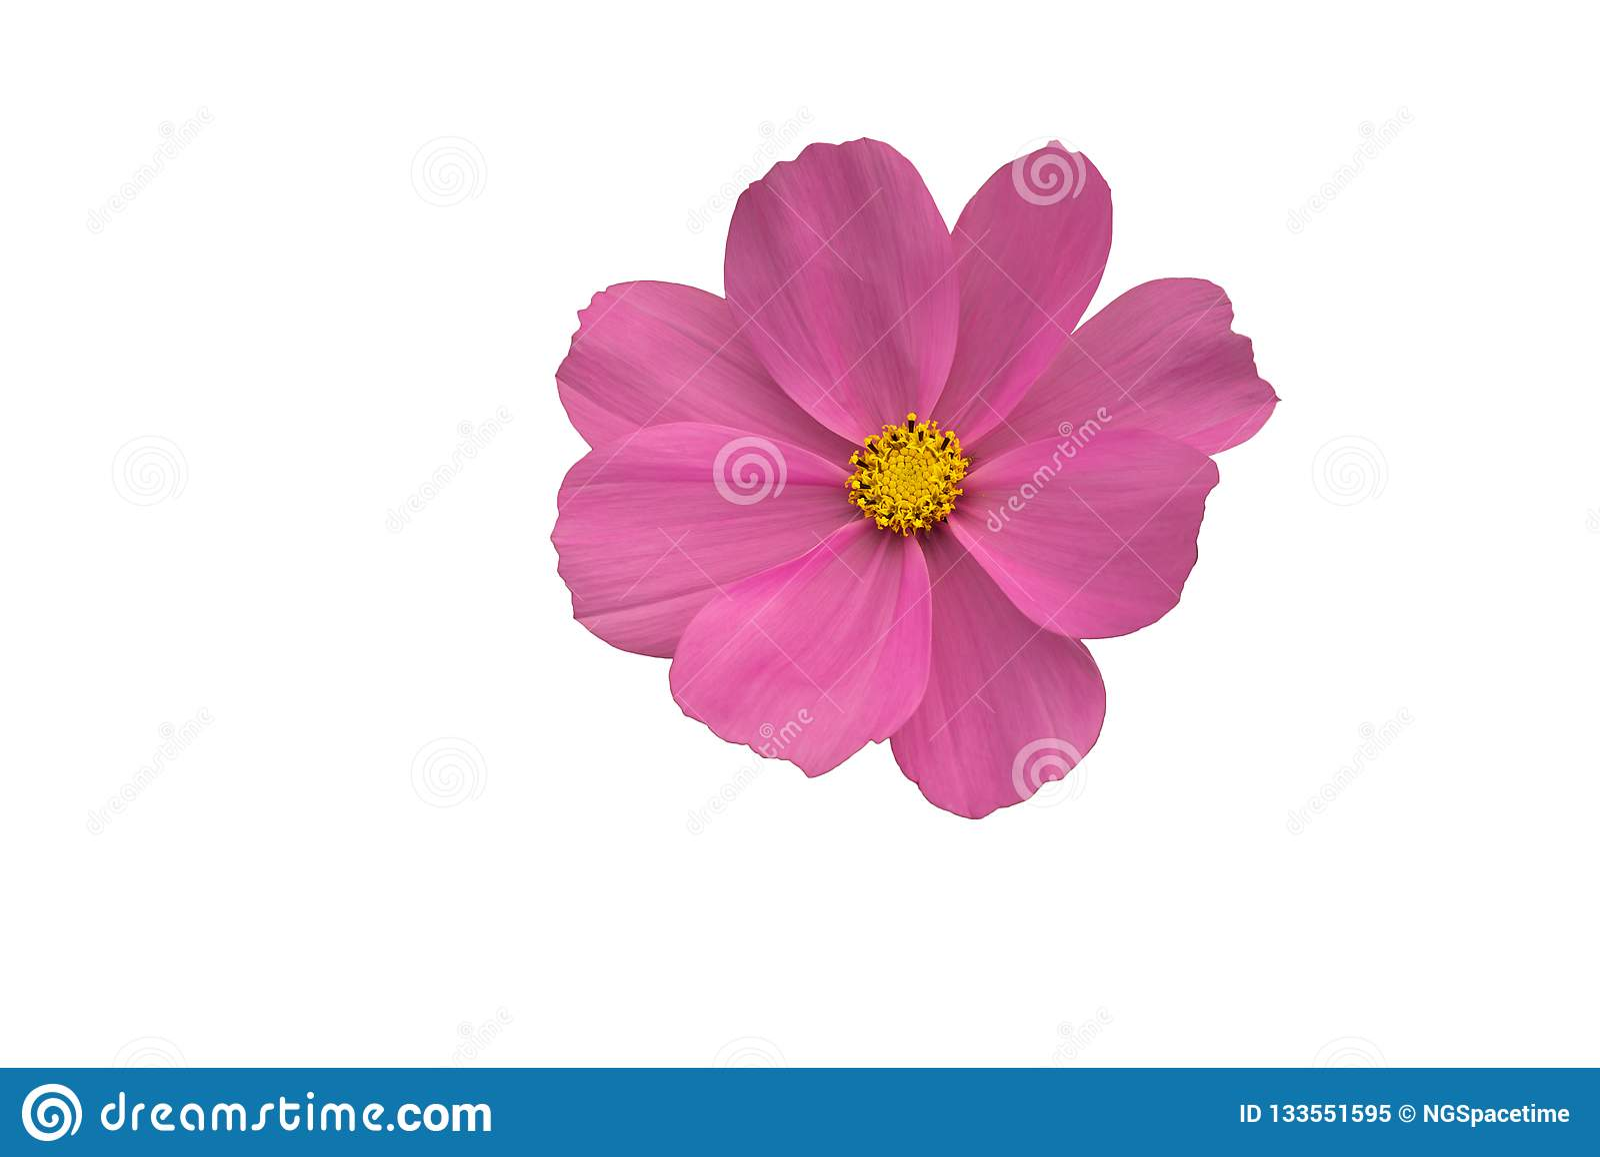 Isolerad rosa kosmosblomma med en gul mitt